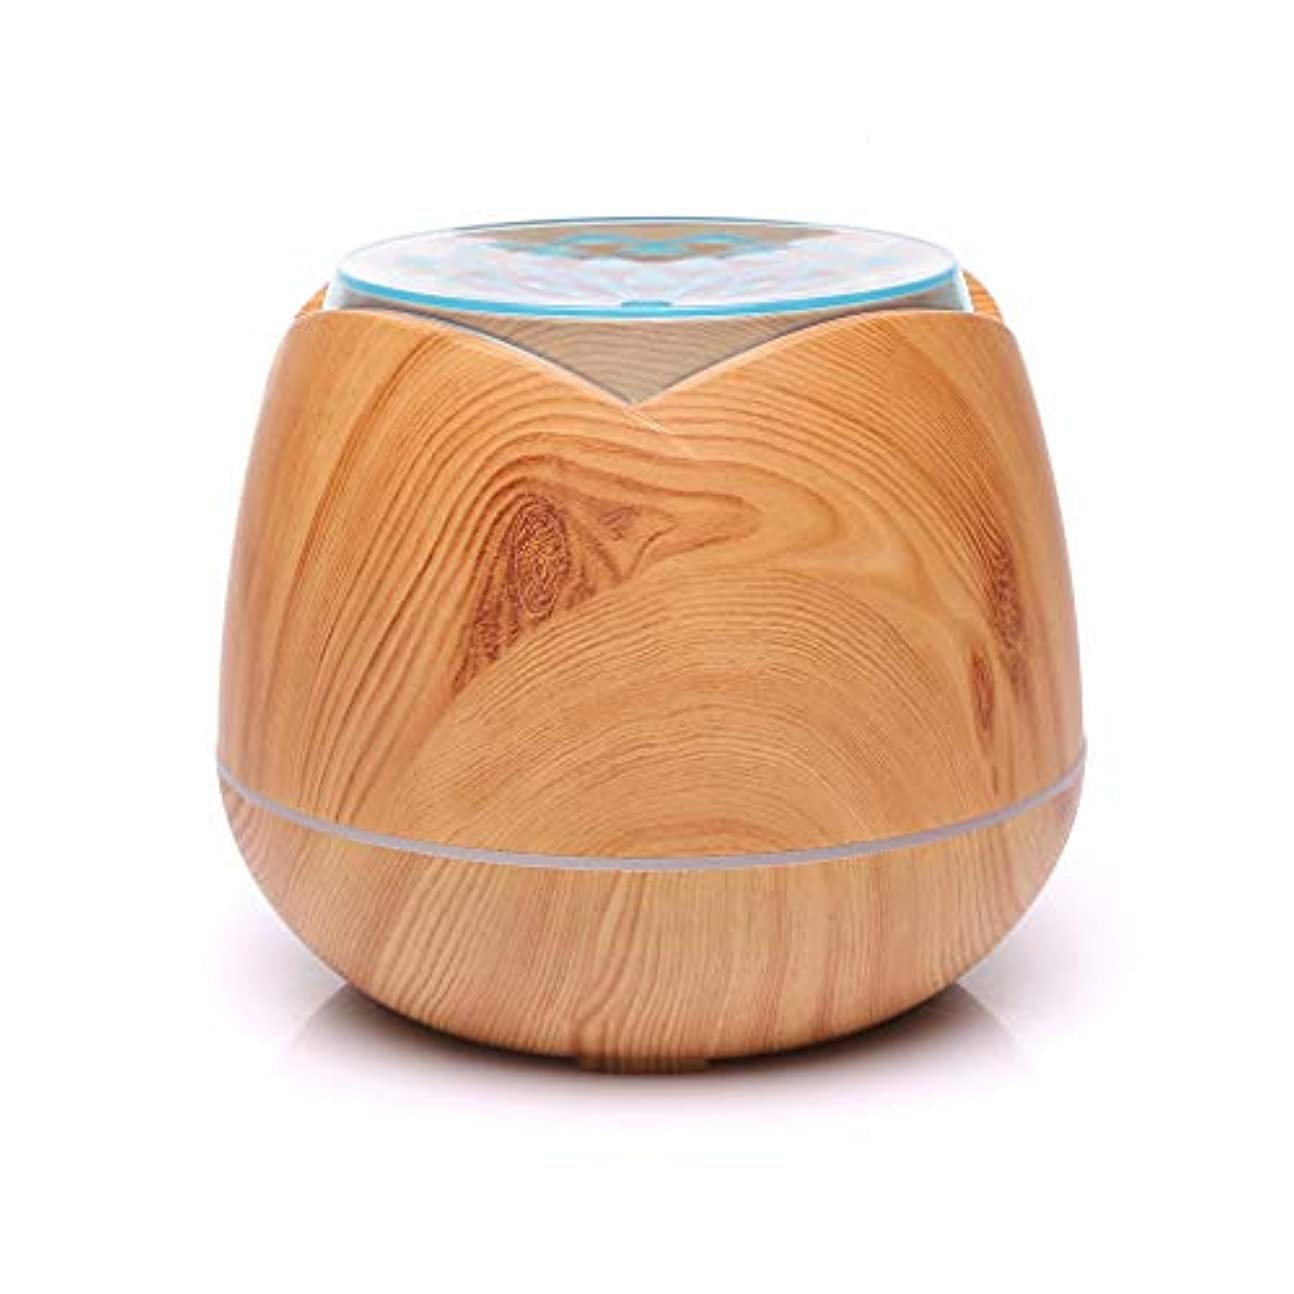 ボランティア数学麦芽涼しい霧の空気加湿器、家、ヨガ、オフィス、鉱泉、寝室のために変わる色LEDライトと超音波400ml - 木目 - (Color : Light wood grain)